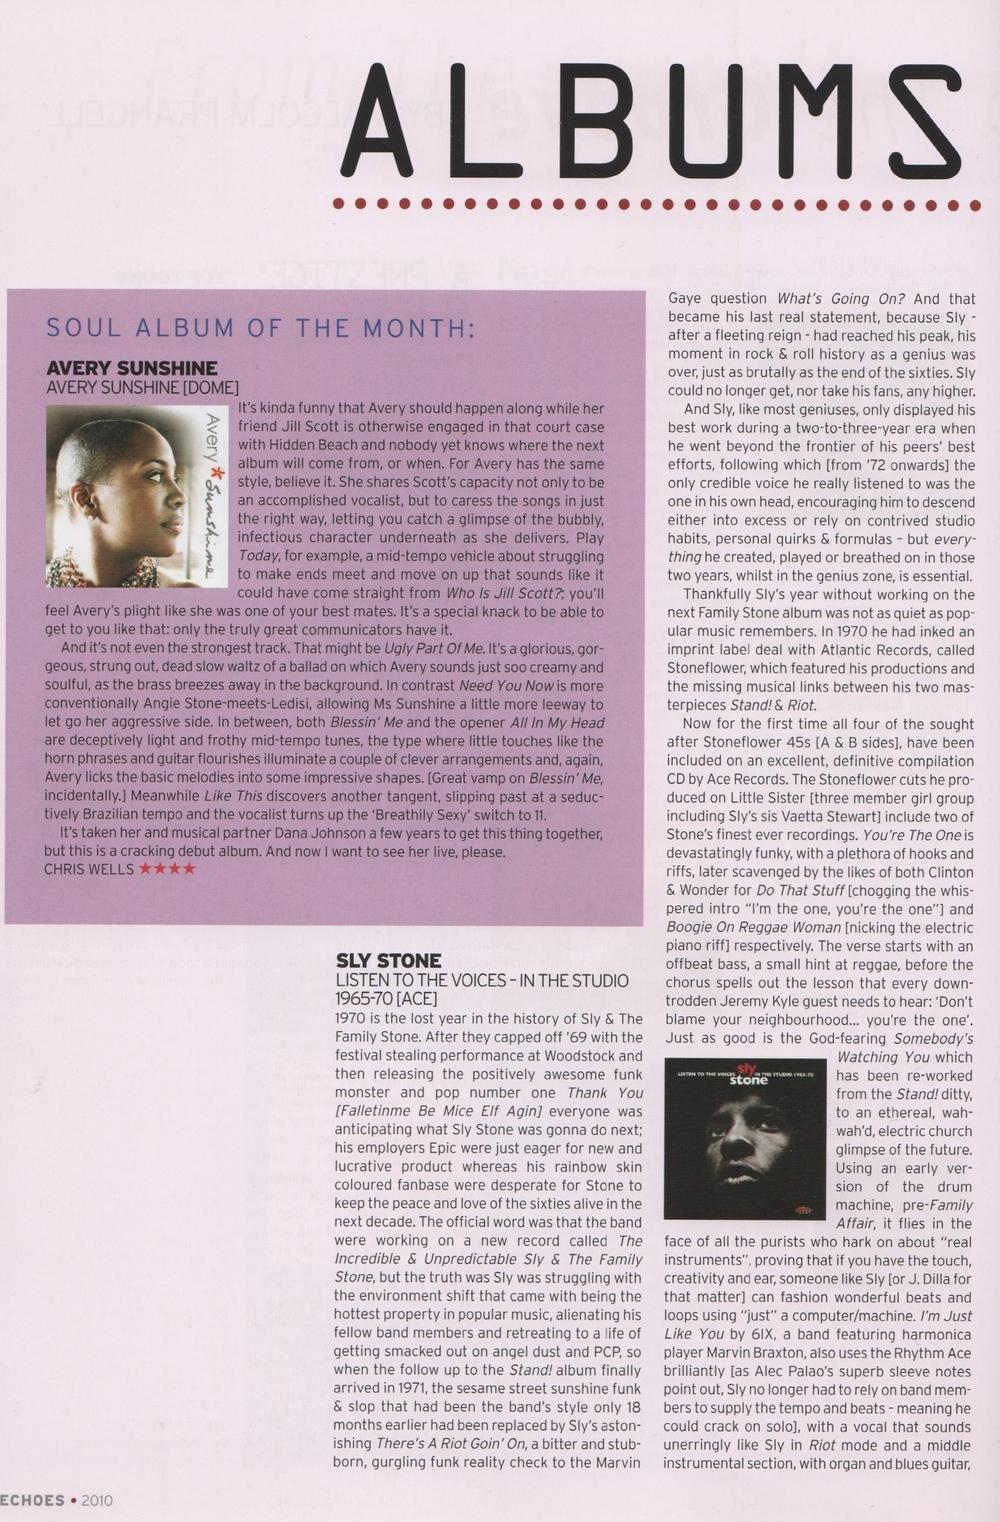 Echoes Magazine May 2010